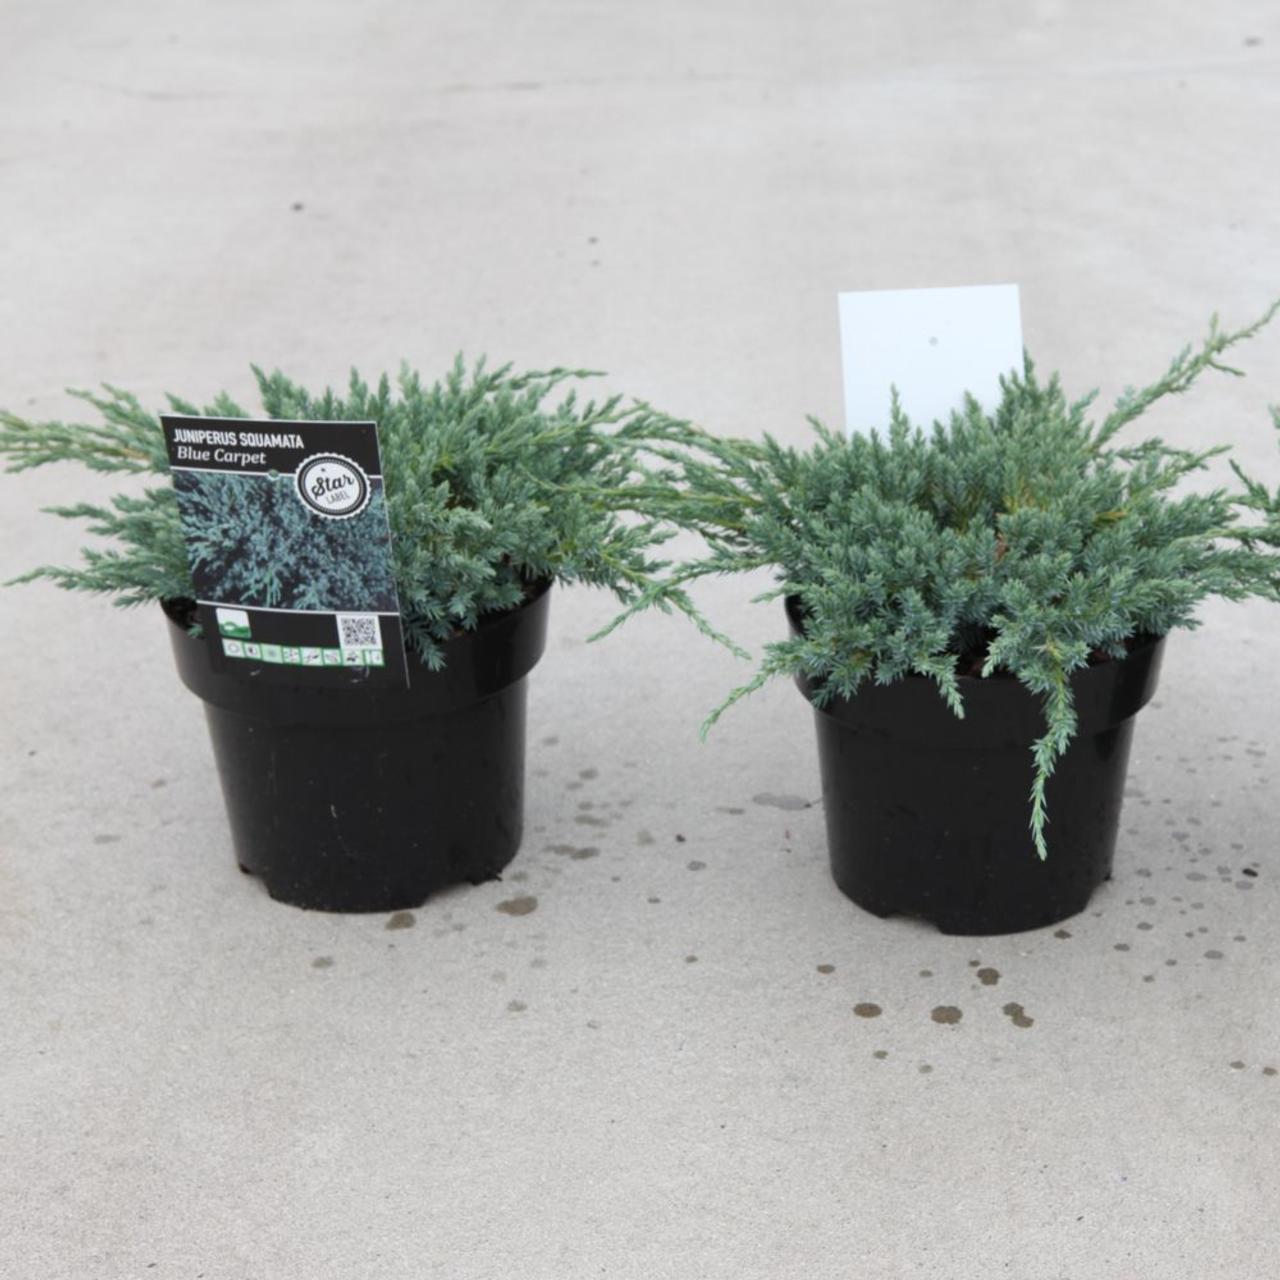 Juniperus squamata 'Blue Carpet' plant